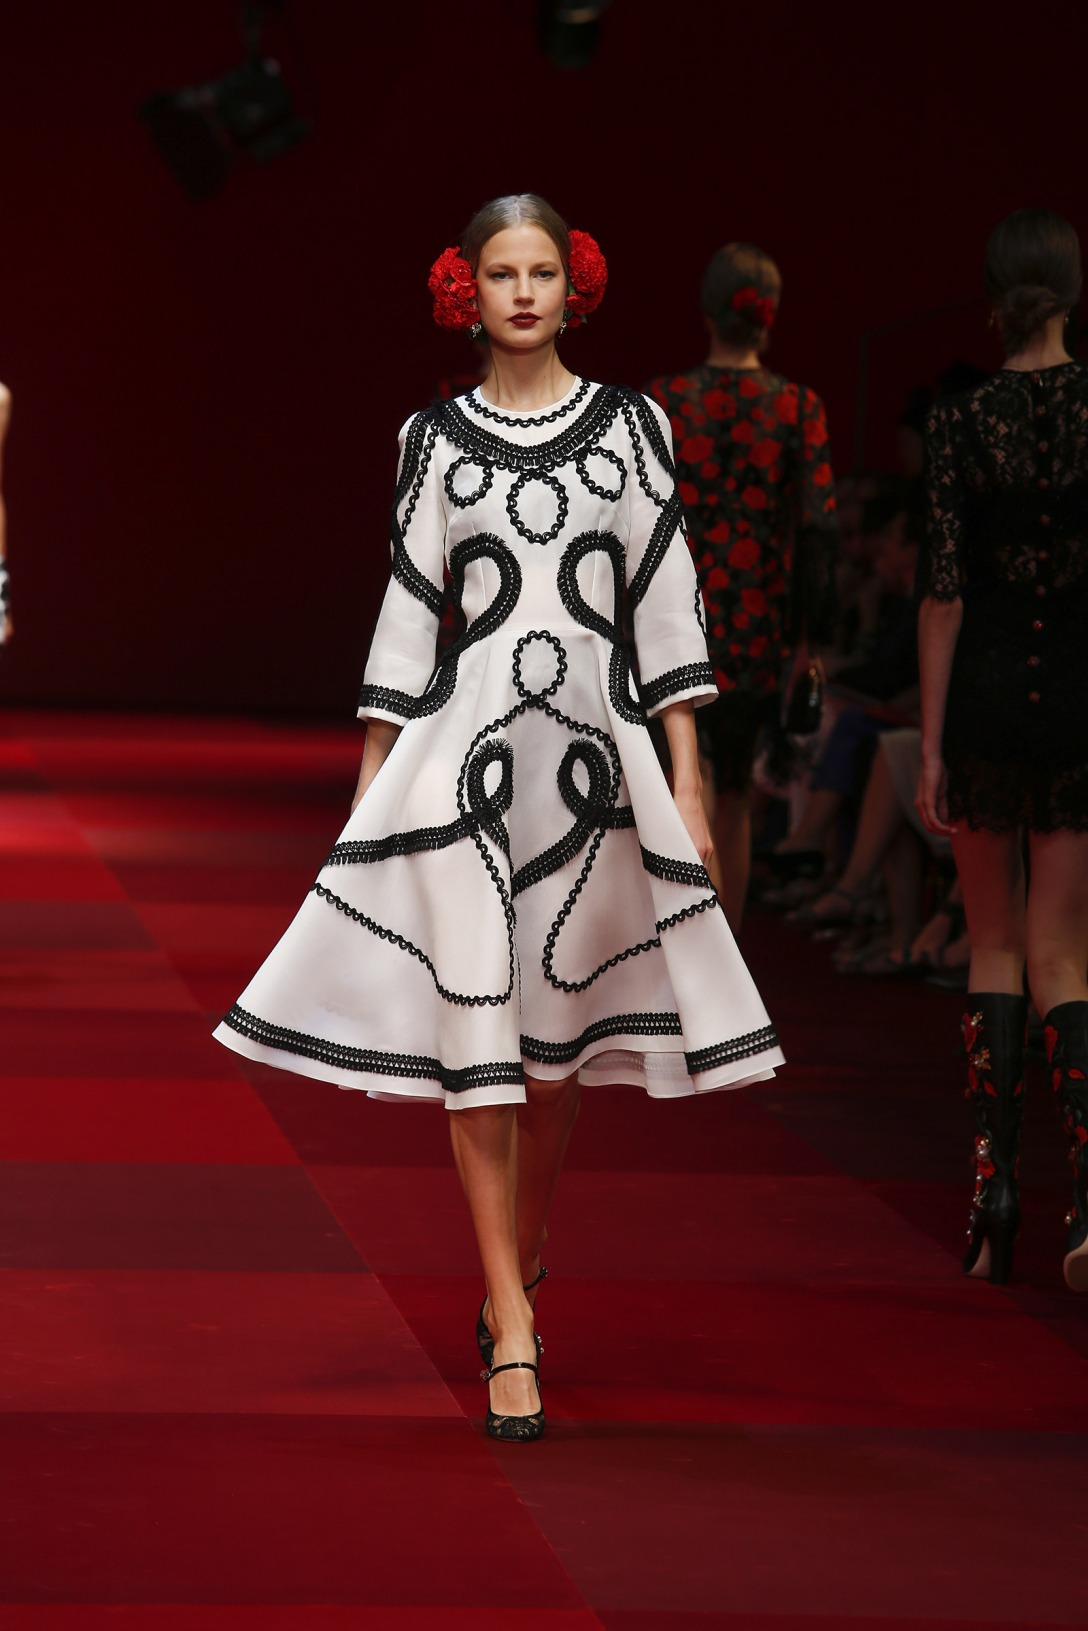 dolce-and-gabbana-summer-2015-women-fashion-show-runway-039